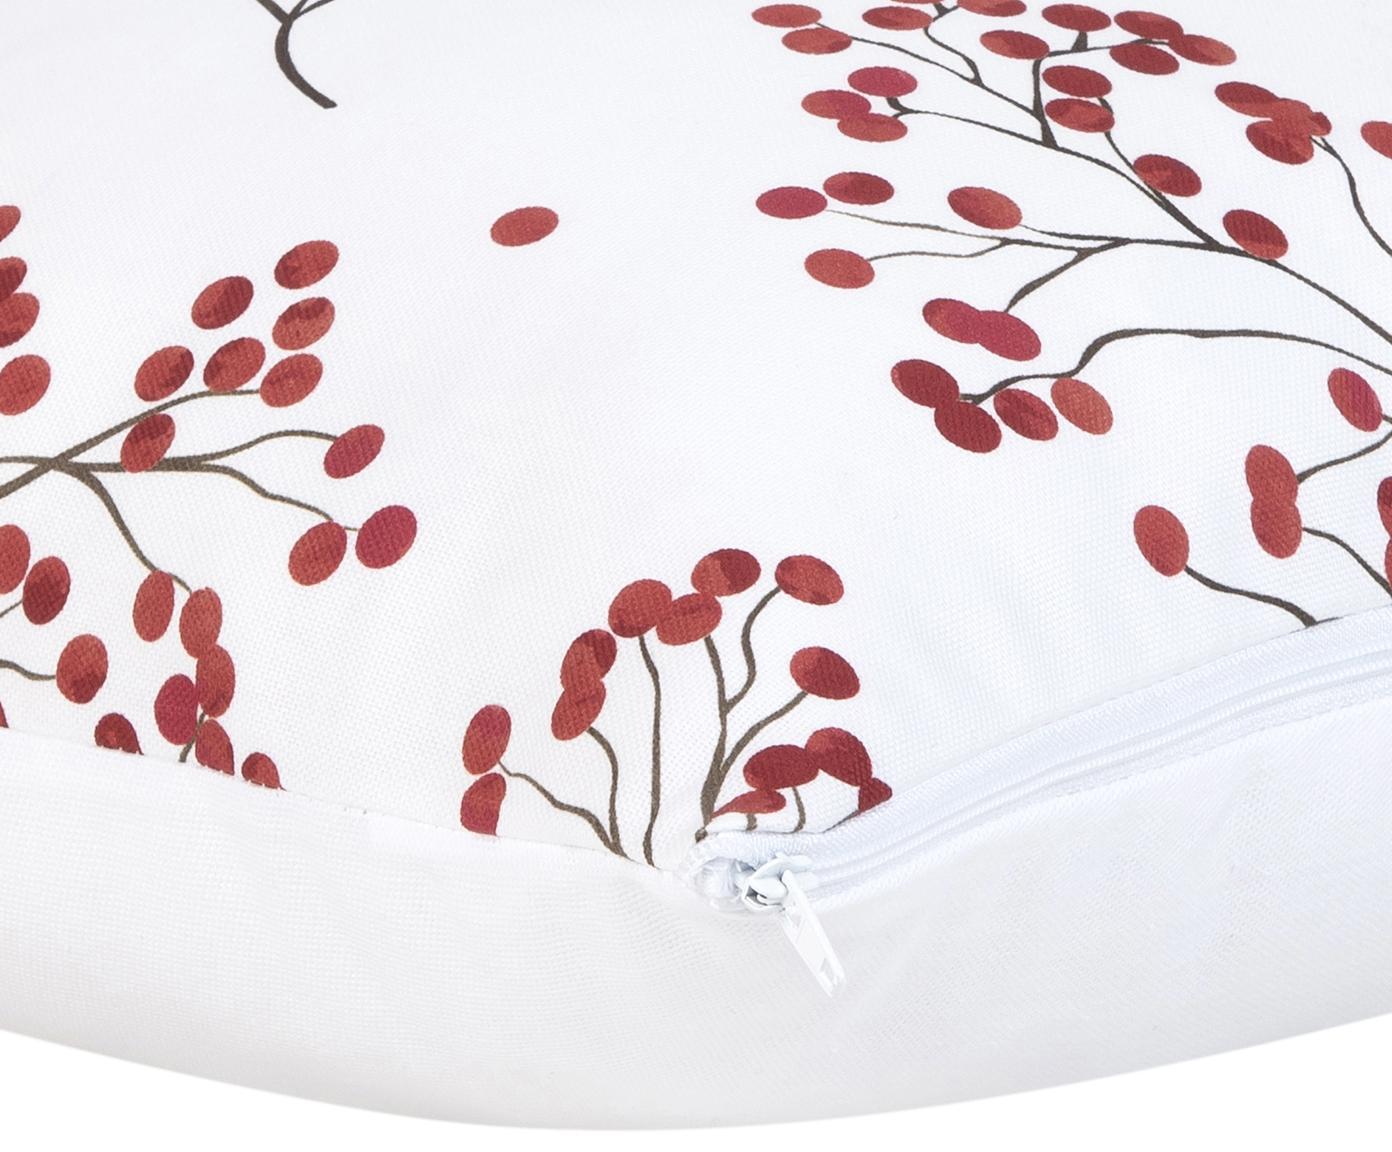 Kissenhülle Berry mit Winterzweigen, 100% Baumwolle, Rot, Schwarz, Weiss, 50 x 50 cm